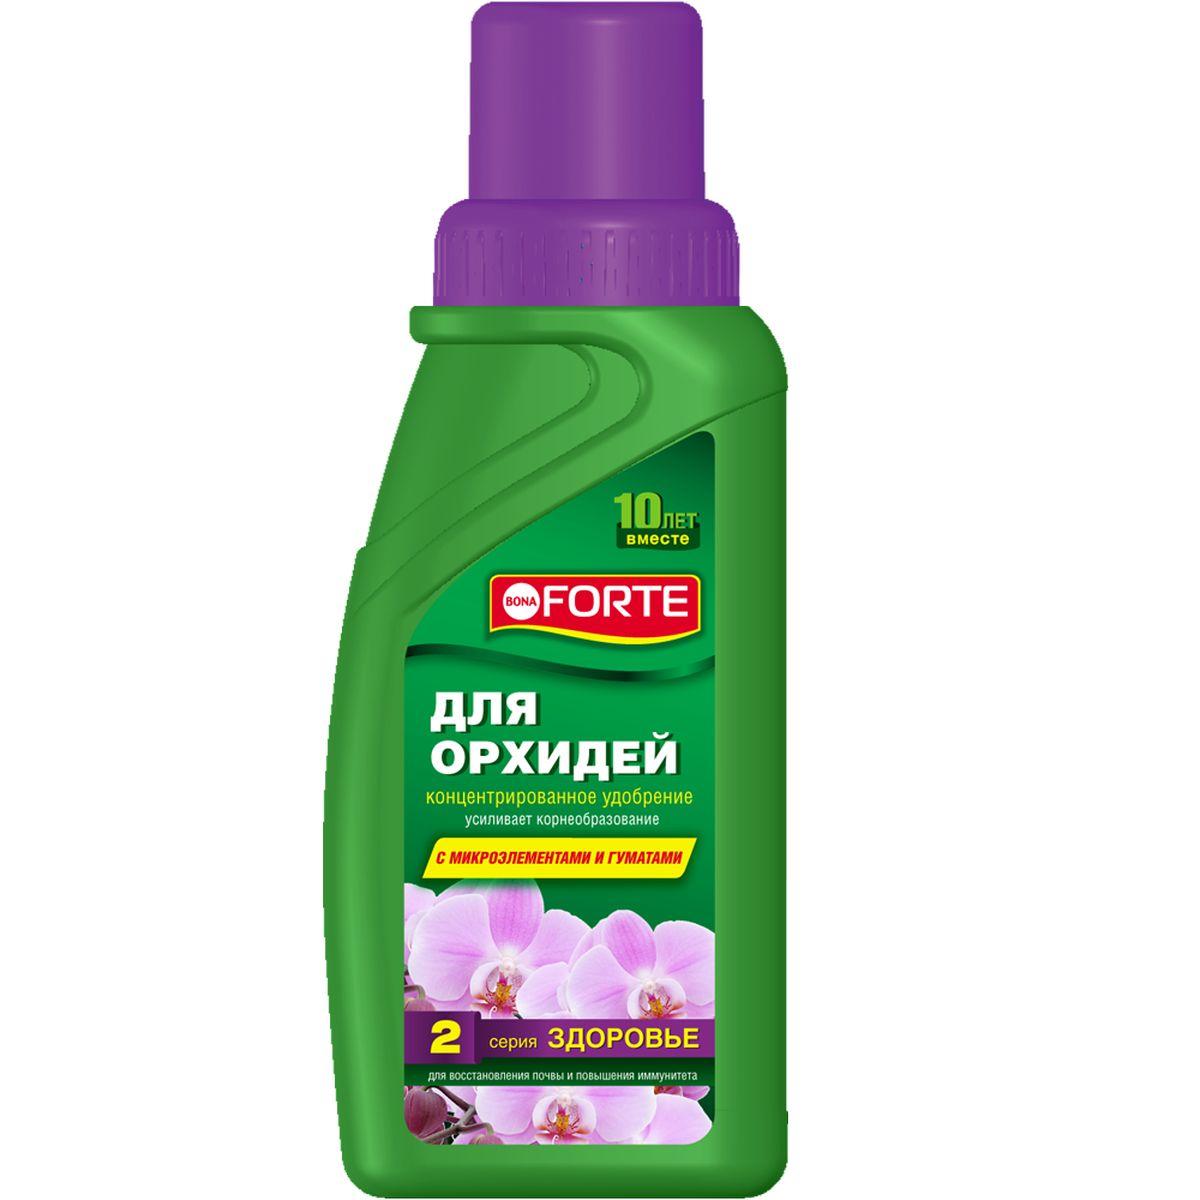 Жидкое комплексное удобрение Bona Forte, для орхидей, 285 мл жидкое комплексное удобрение bona forte для орхидей 285 мл